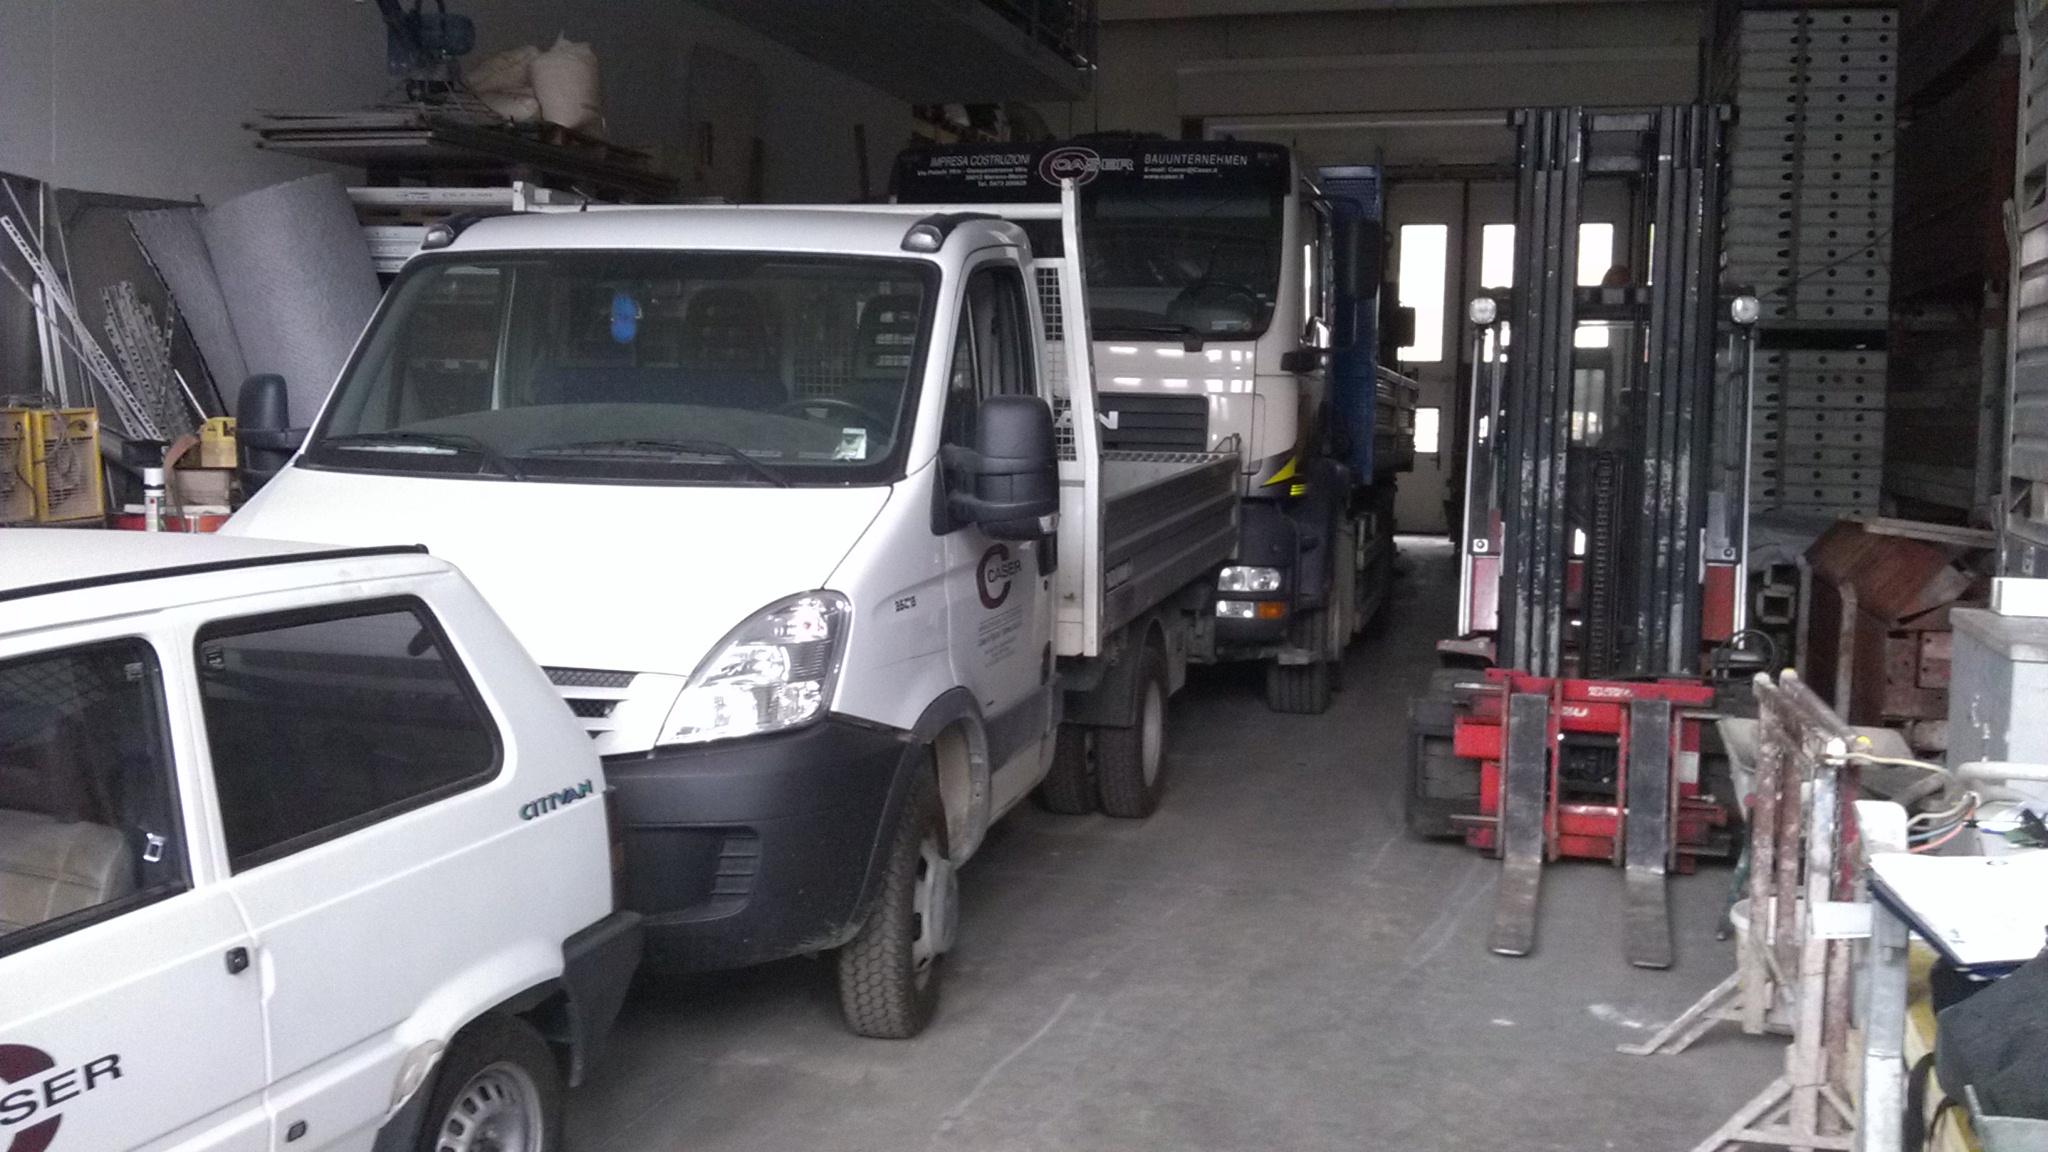 Attrezzature per l'edilizia e automezzi